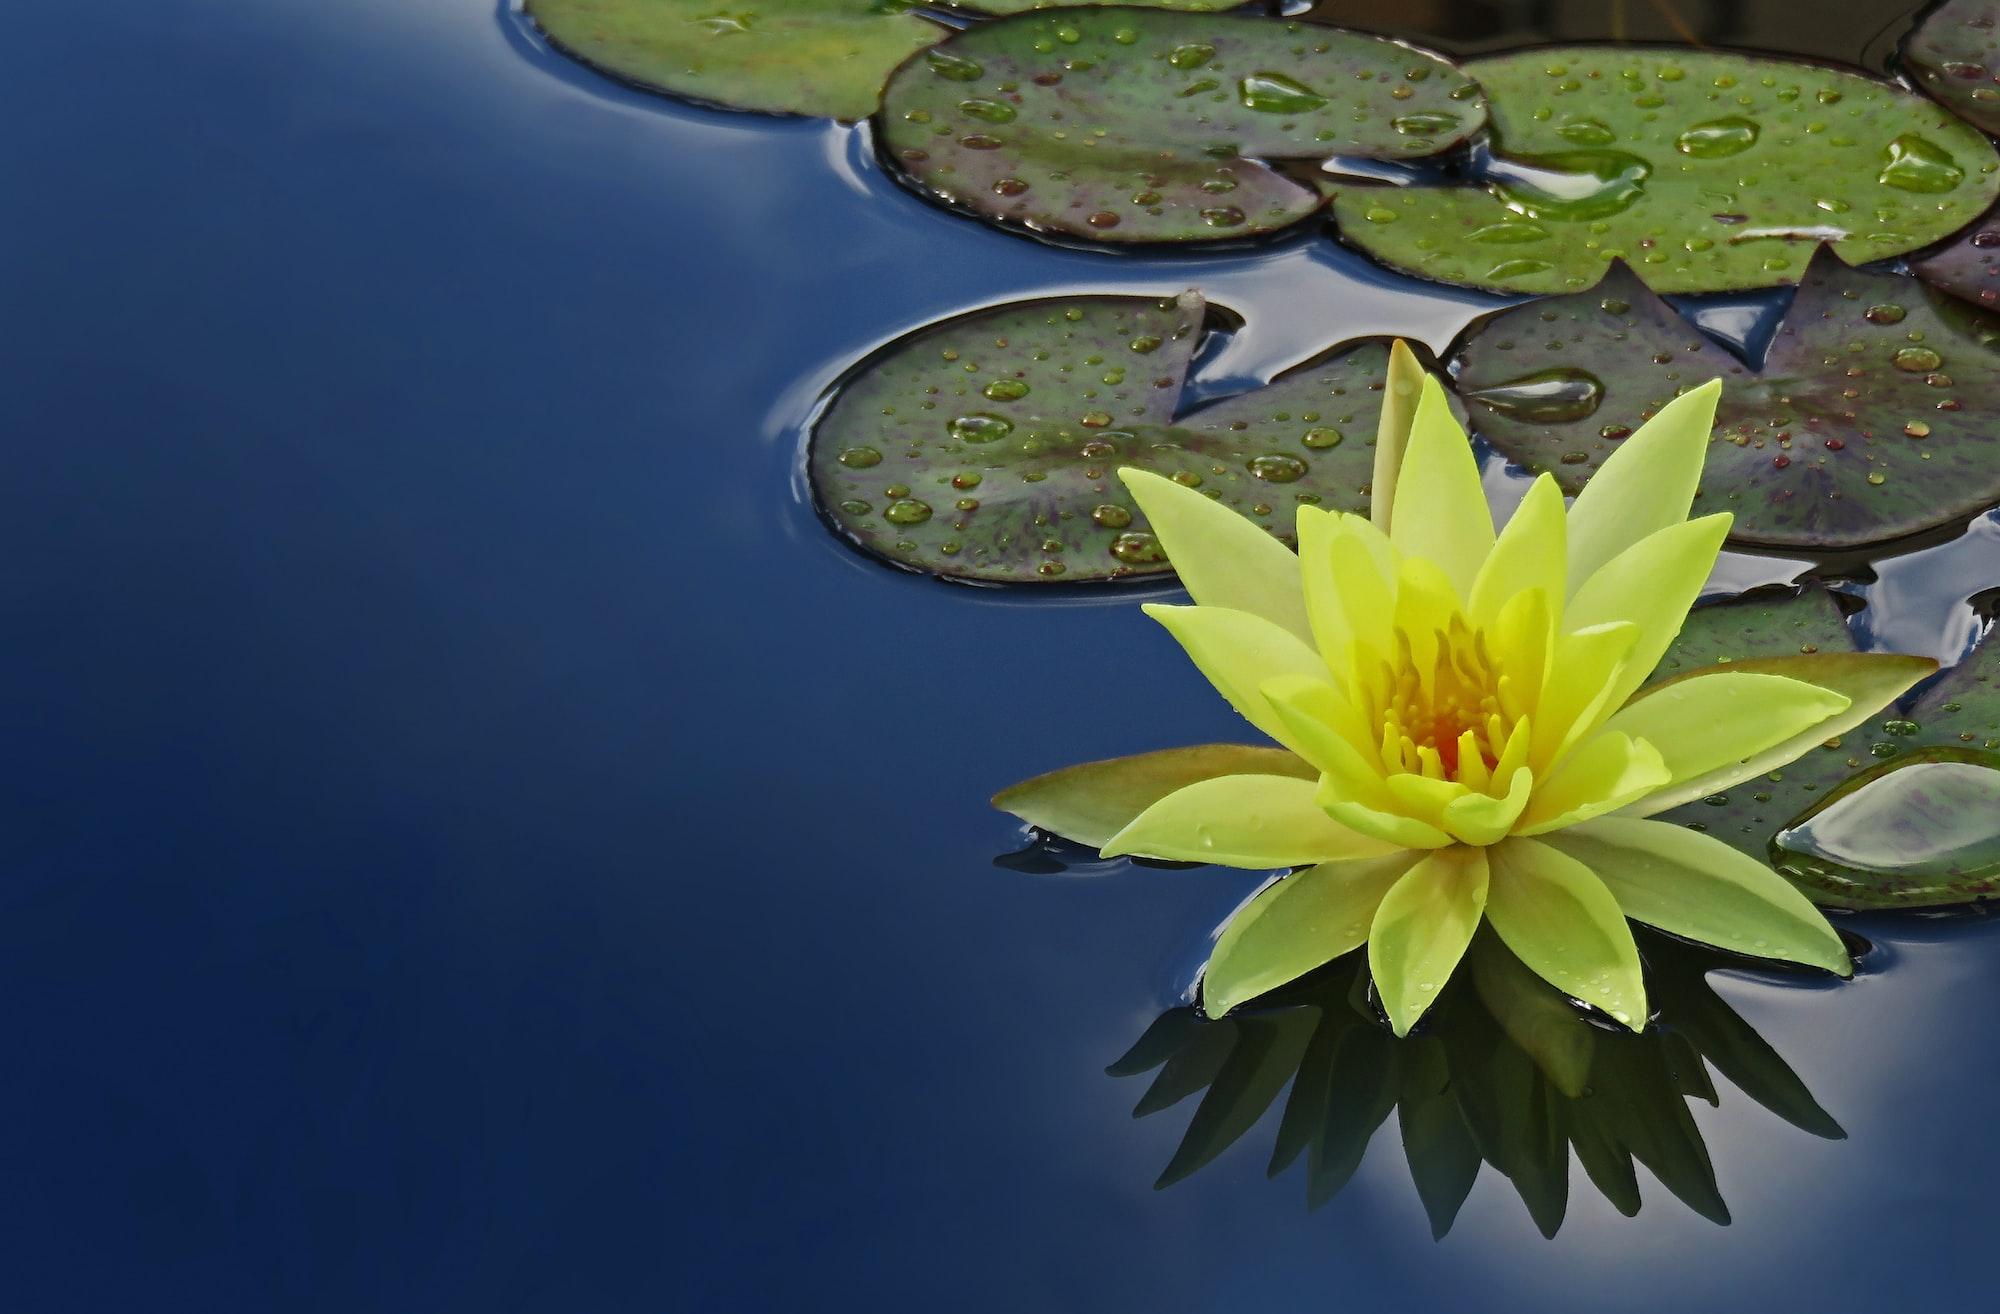 Отражение в неподвижной воде хорошо смотрится на фотографиях